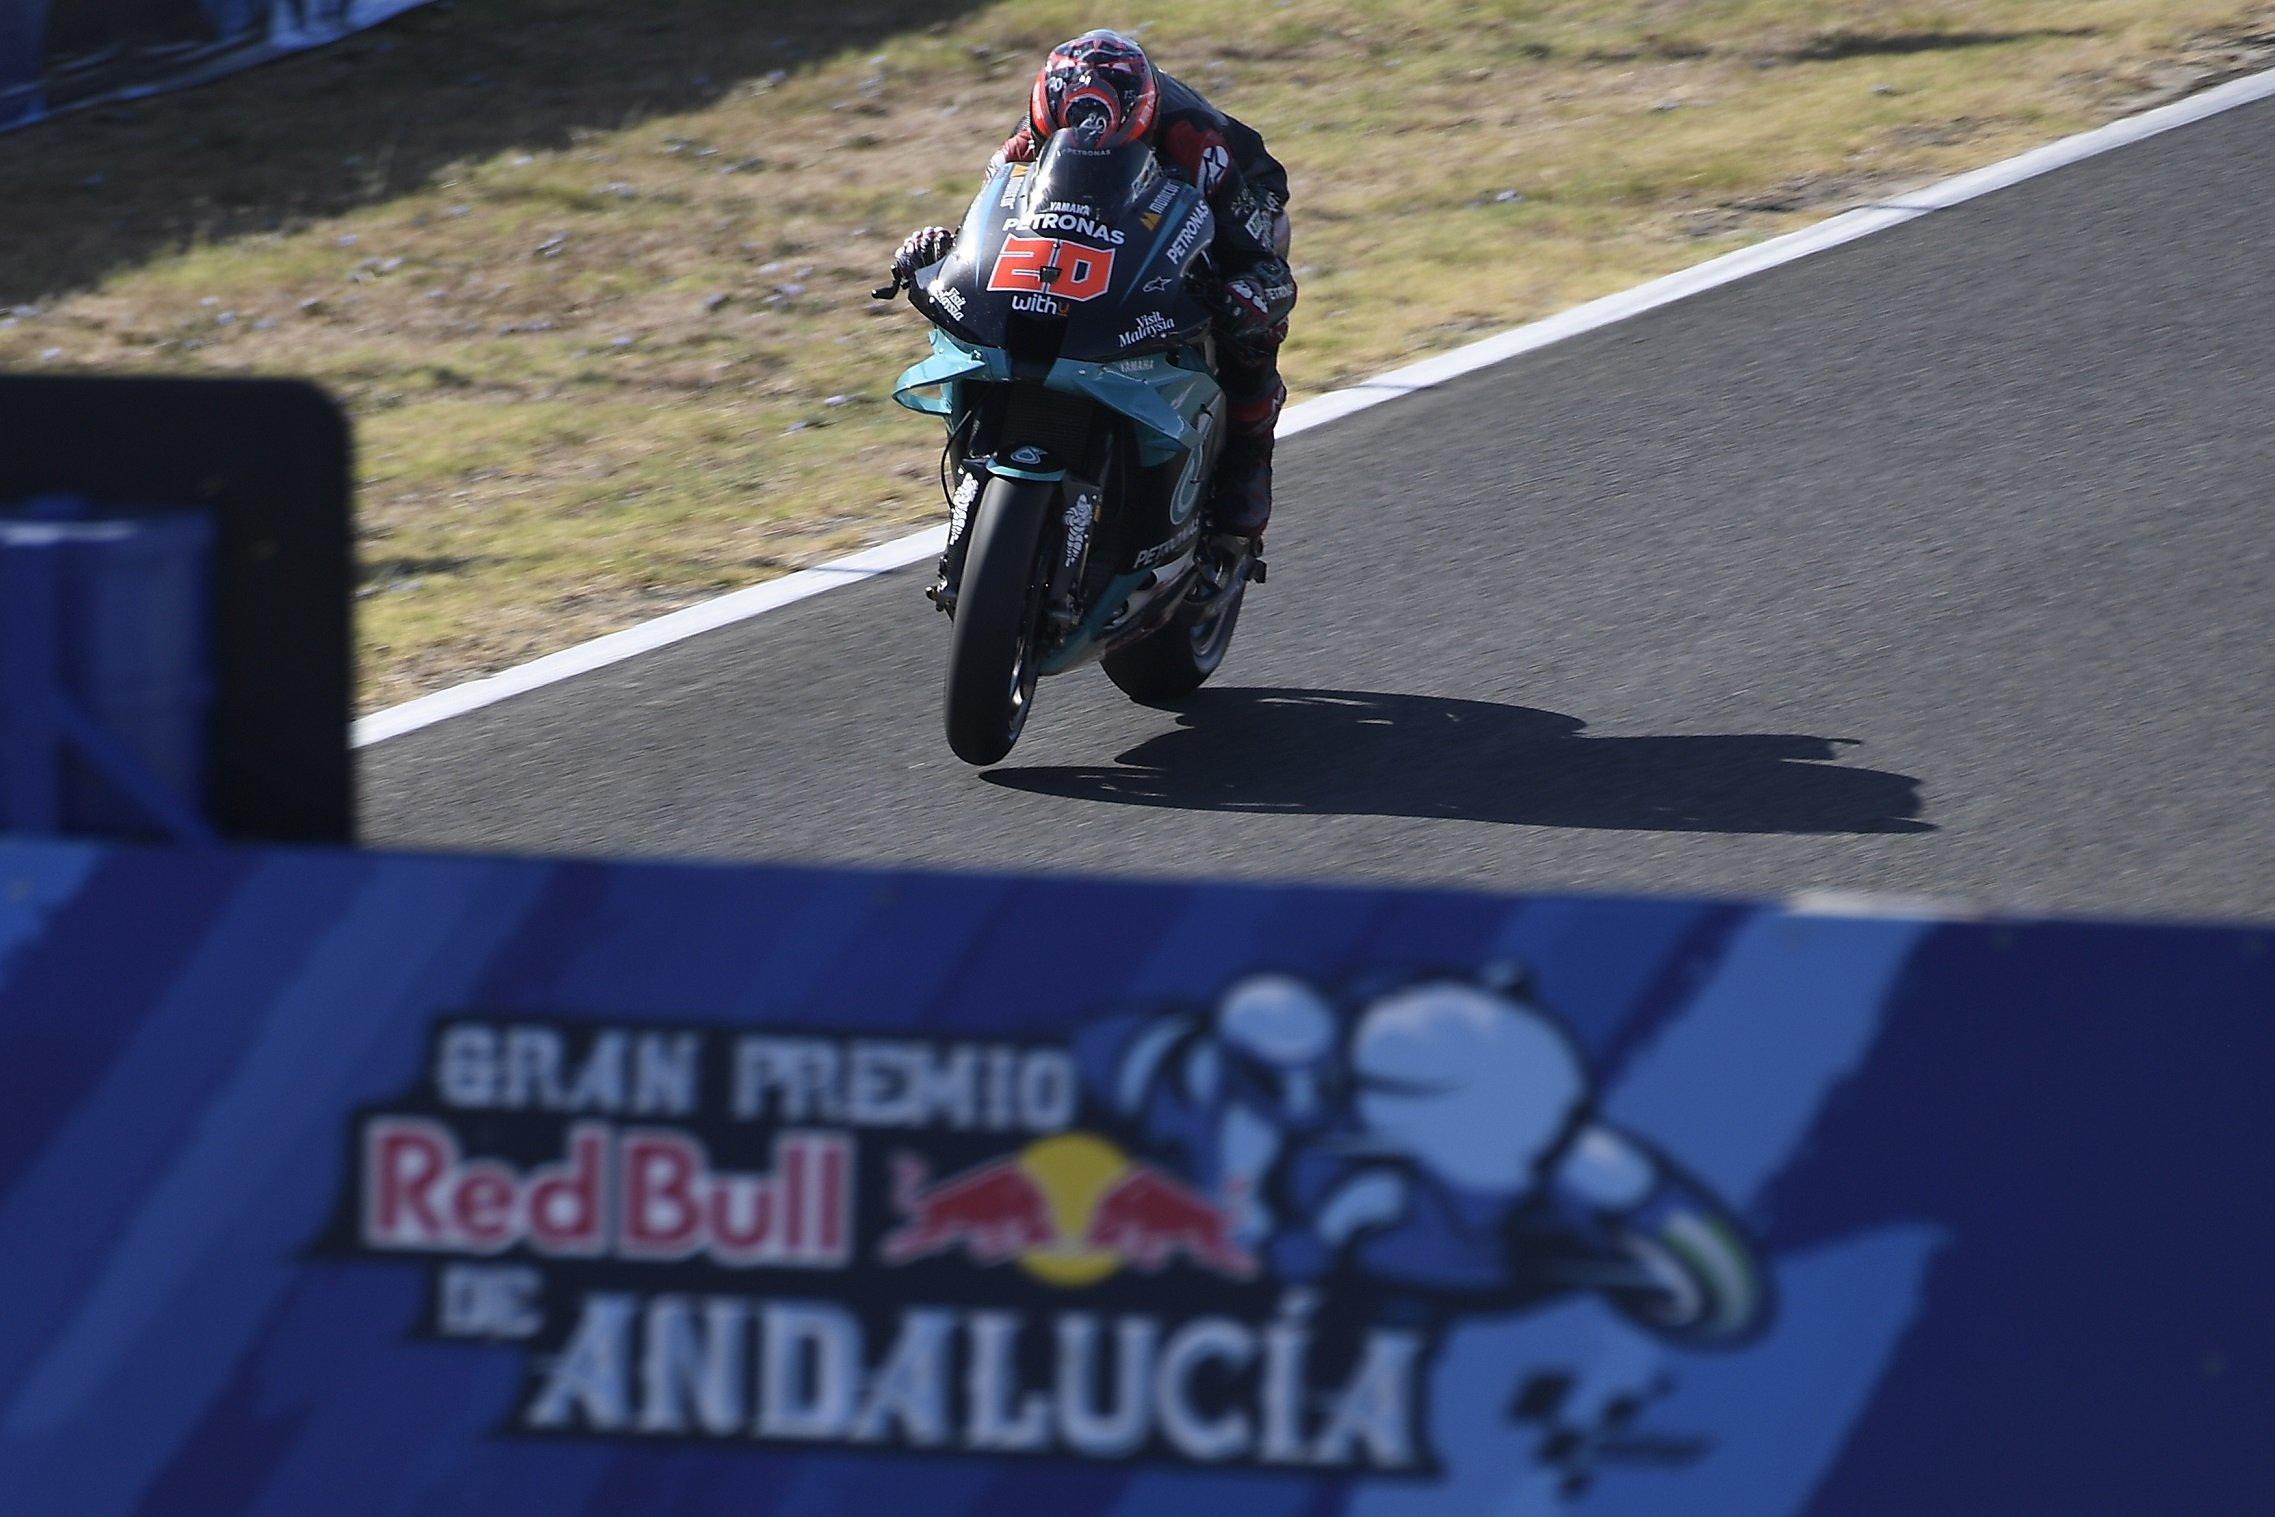 GP de Andalucía – Resumen. Lesionados, clasificación, velocidad, neumáticos y el título